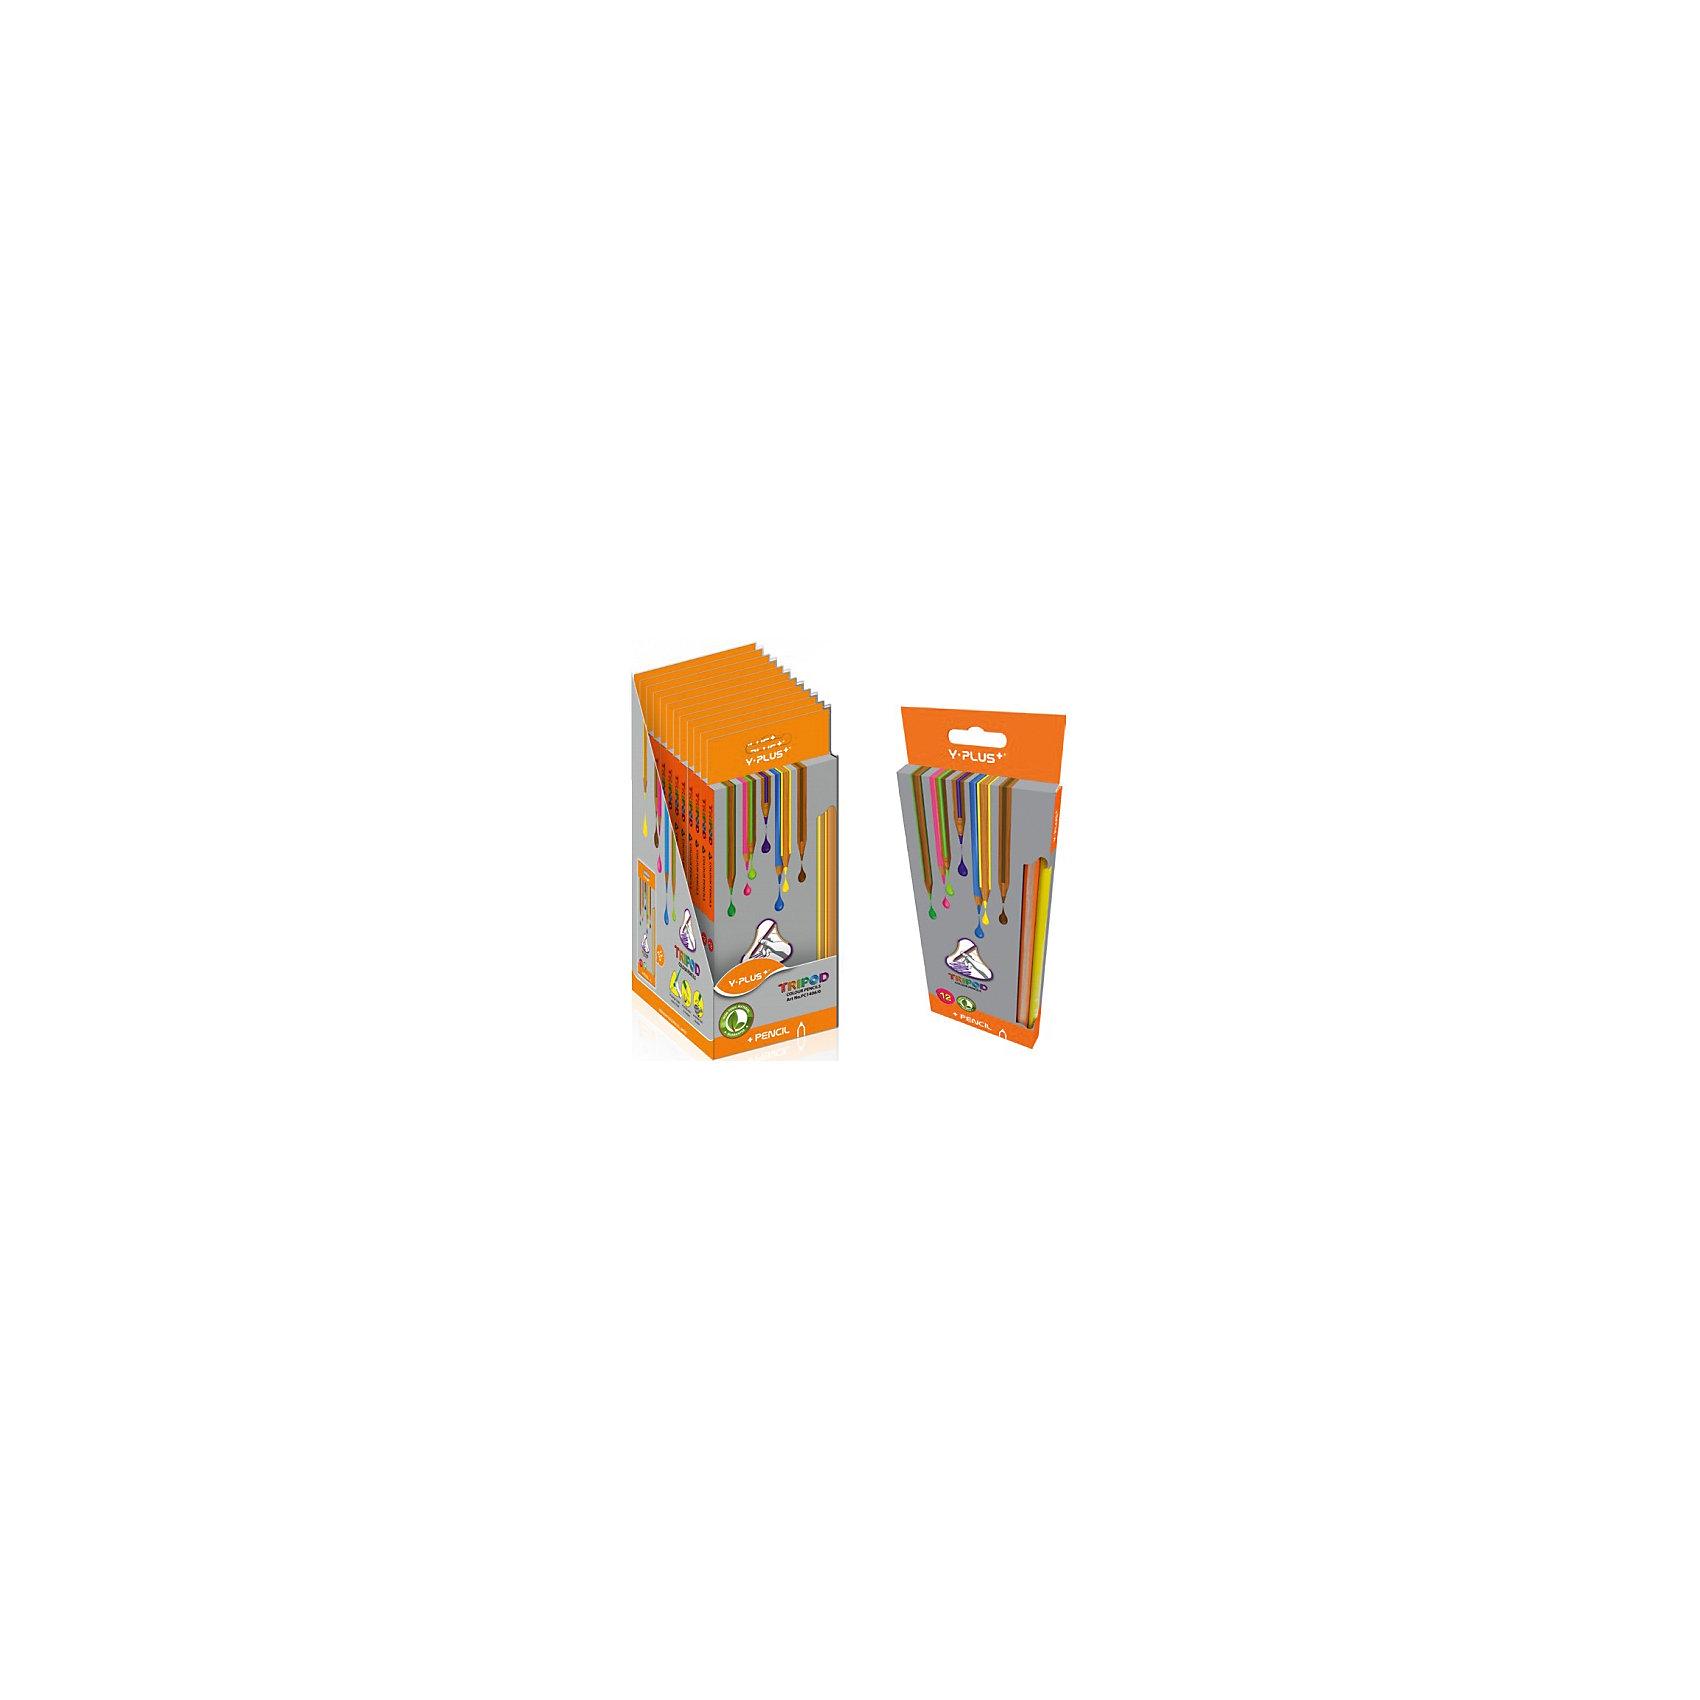 - Набор цветных карандашей Y-Plus TRIPOD, 12 цв. набор цветных карандашей maped color peps 12 шт 683212 в тубусе подставке